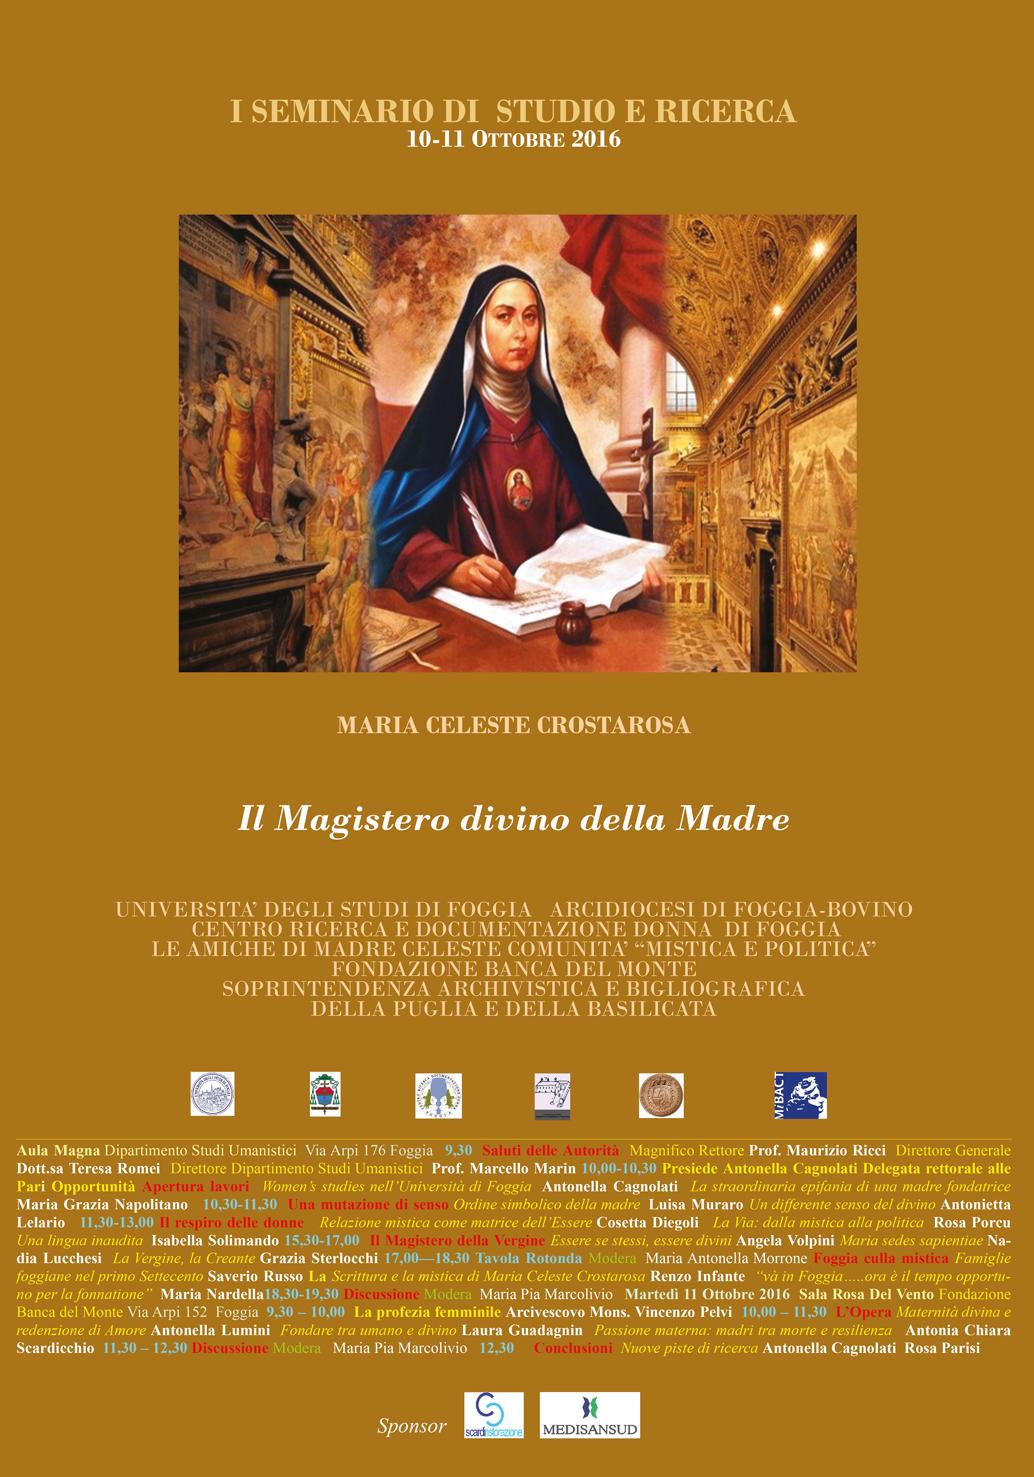 Maria Celeste Crostarosa